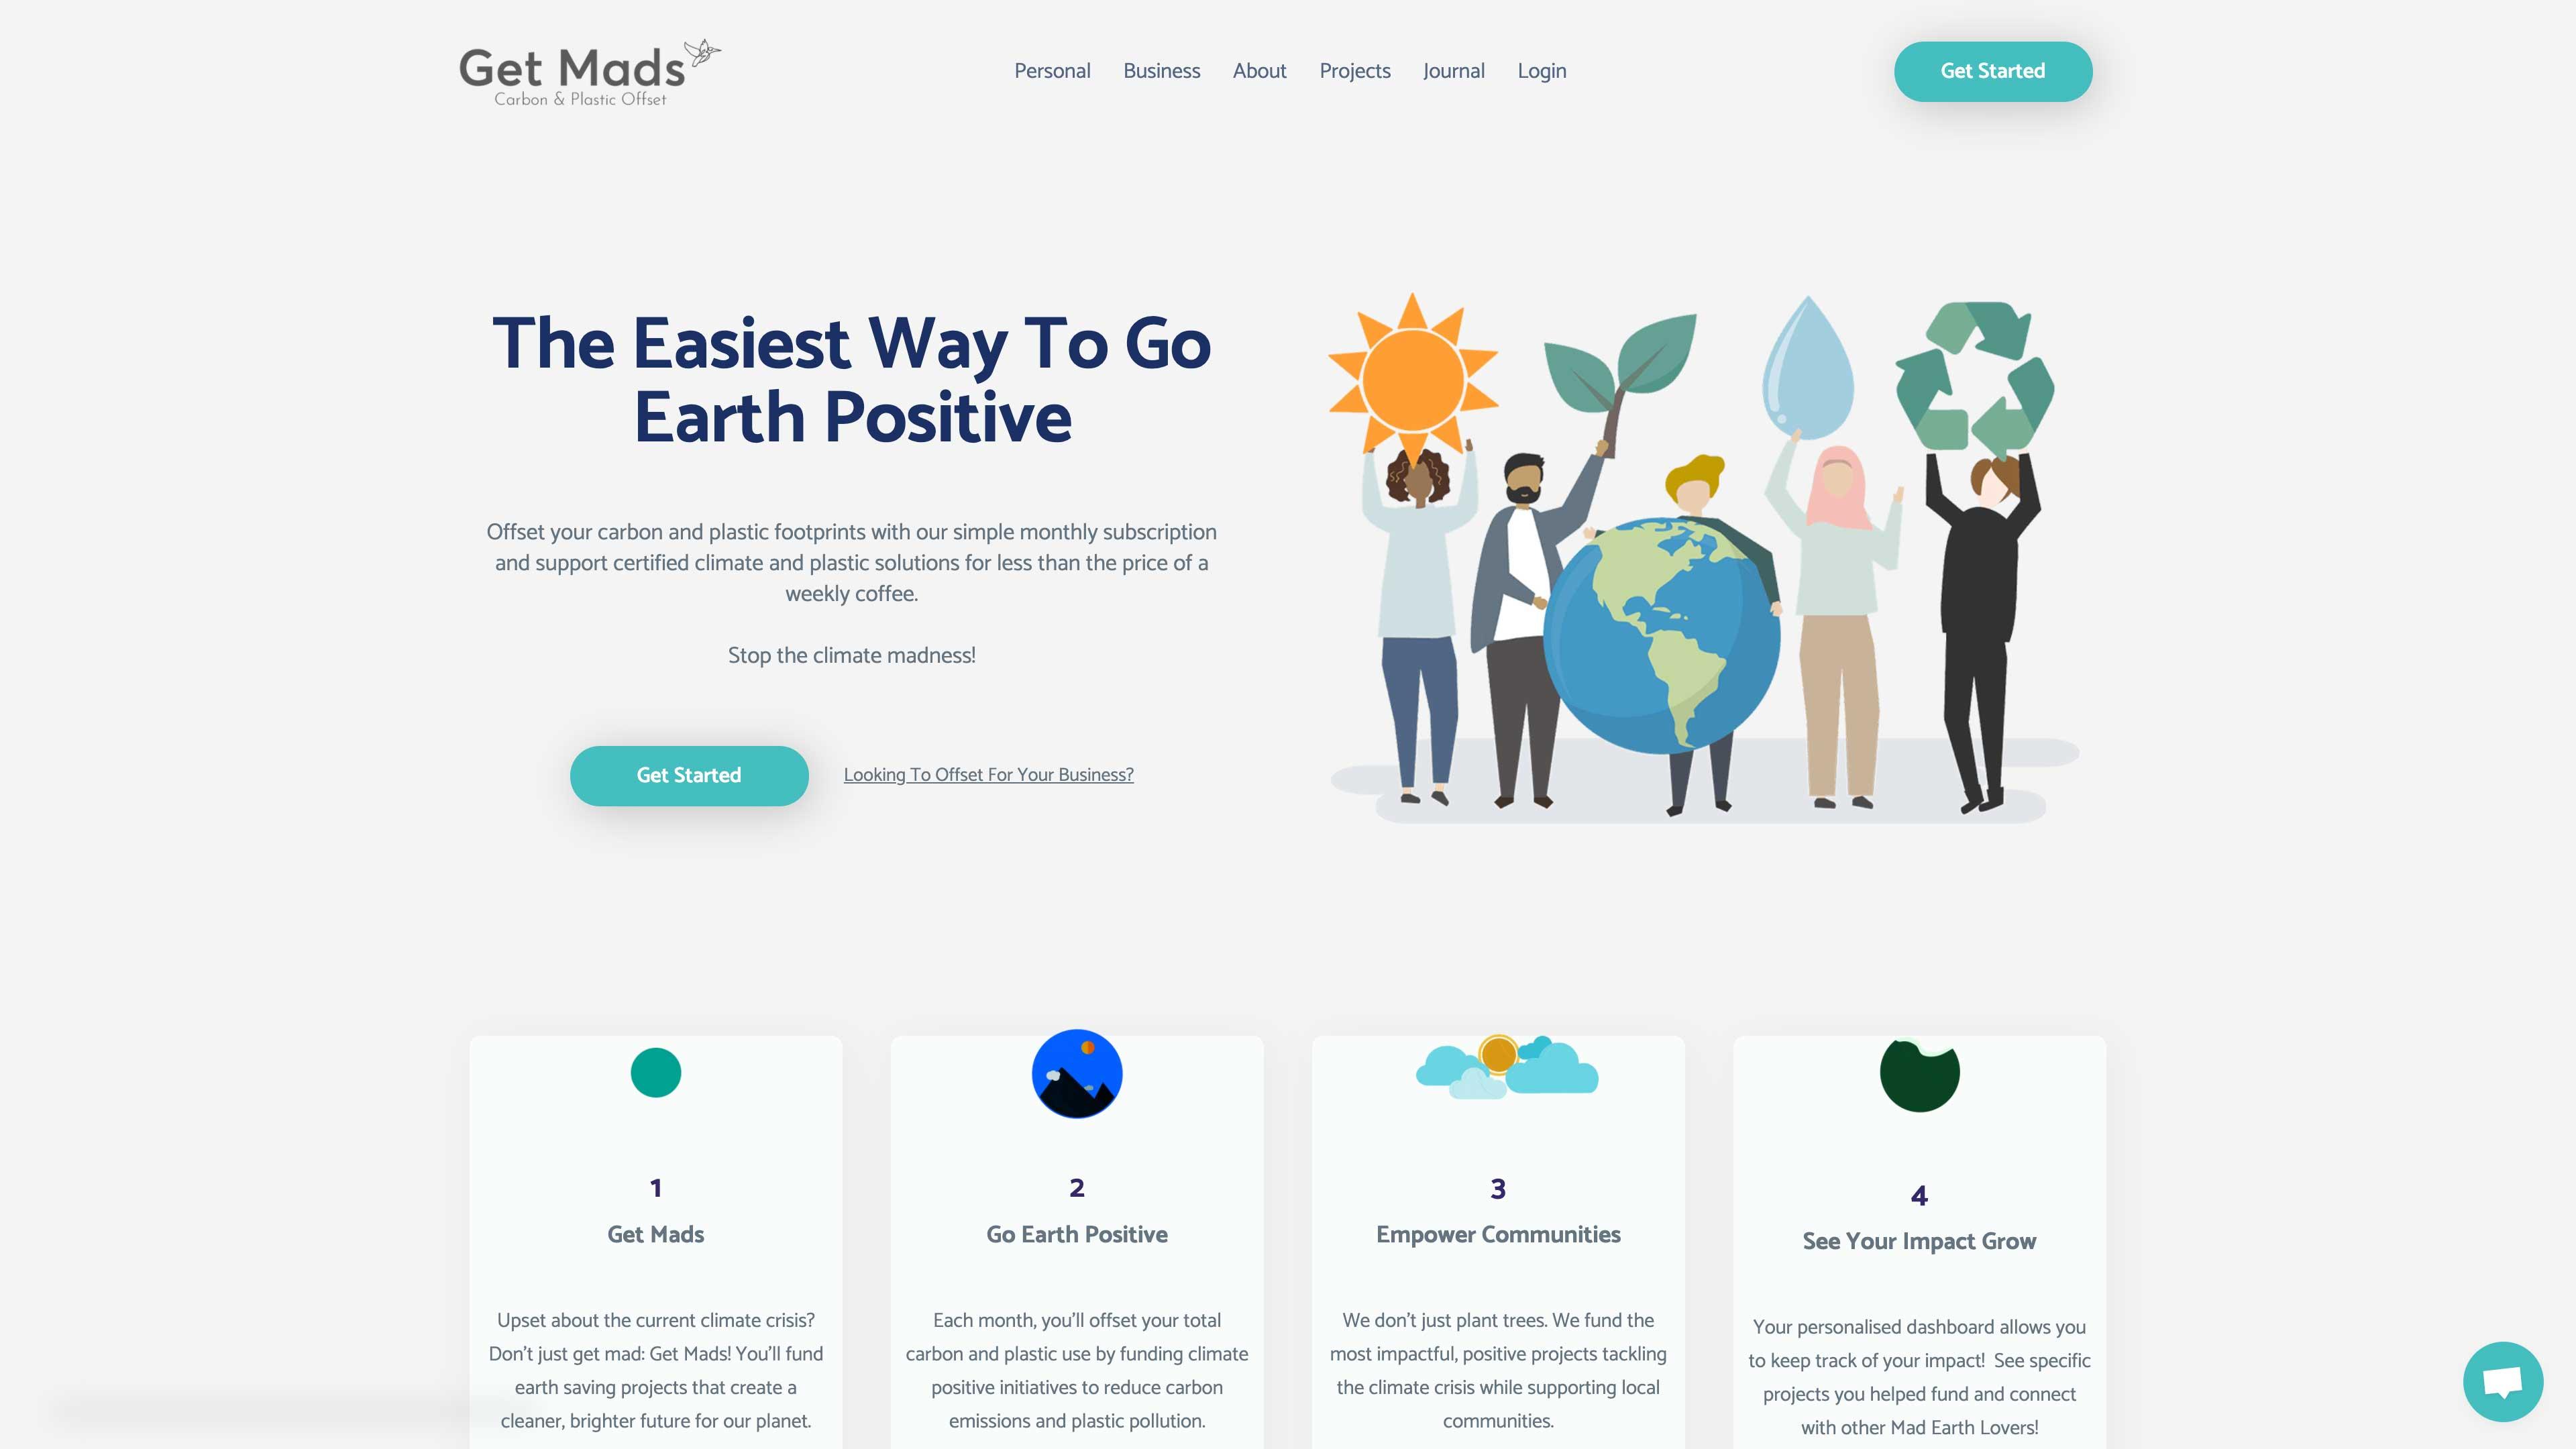 Get Mads website.